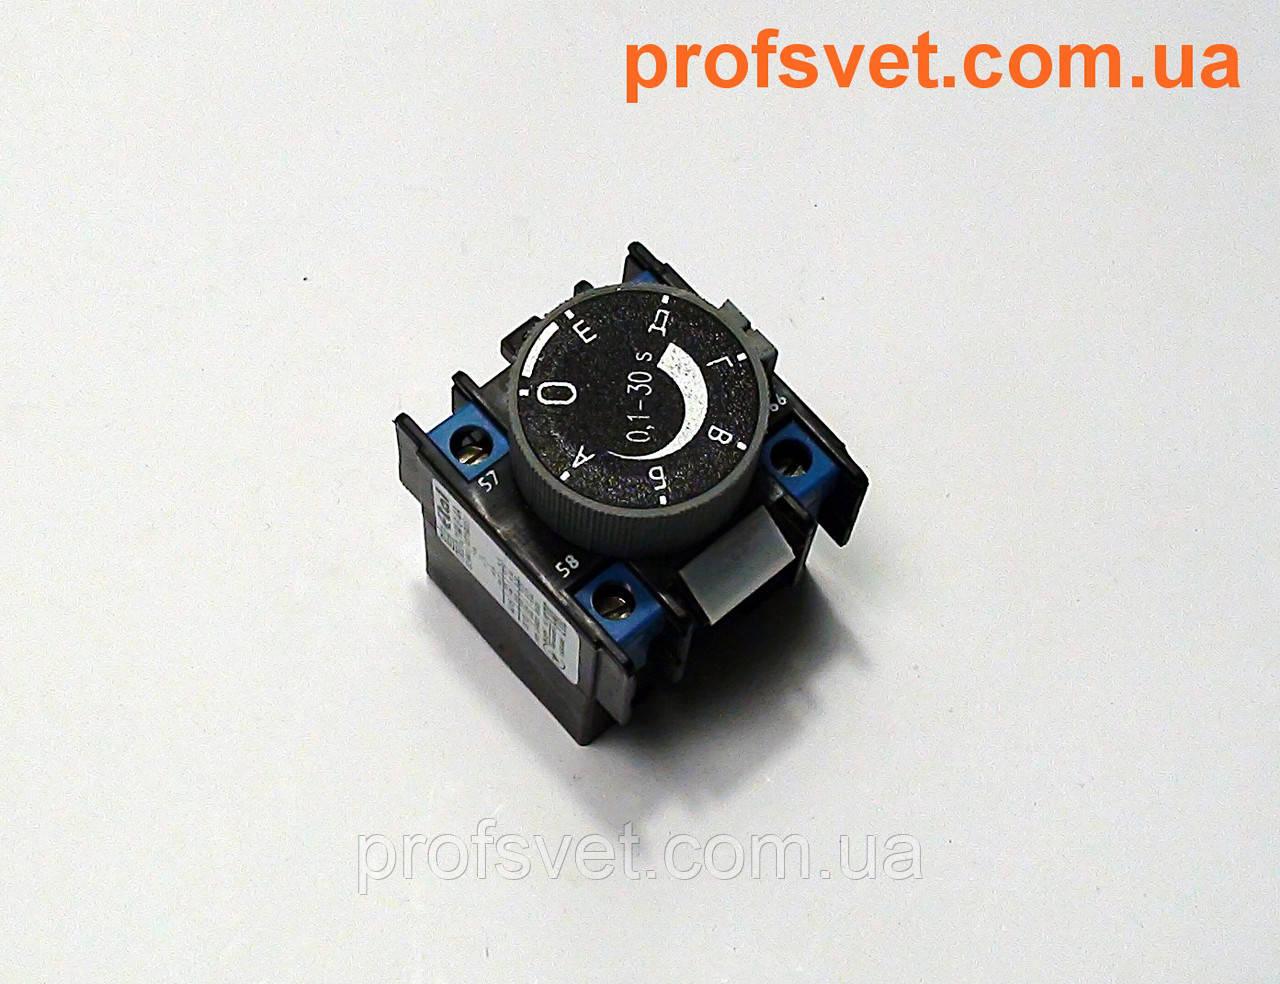 Приставка ПВЛ-21 04А 0,1-30 сек при відключенні